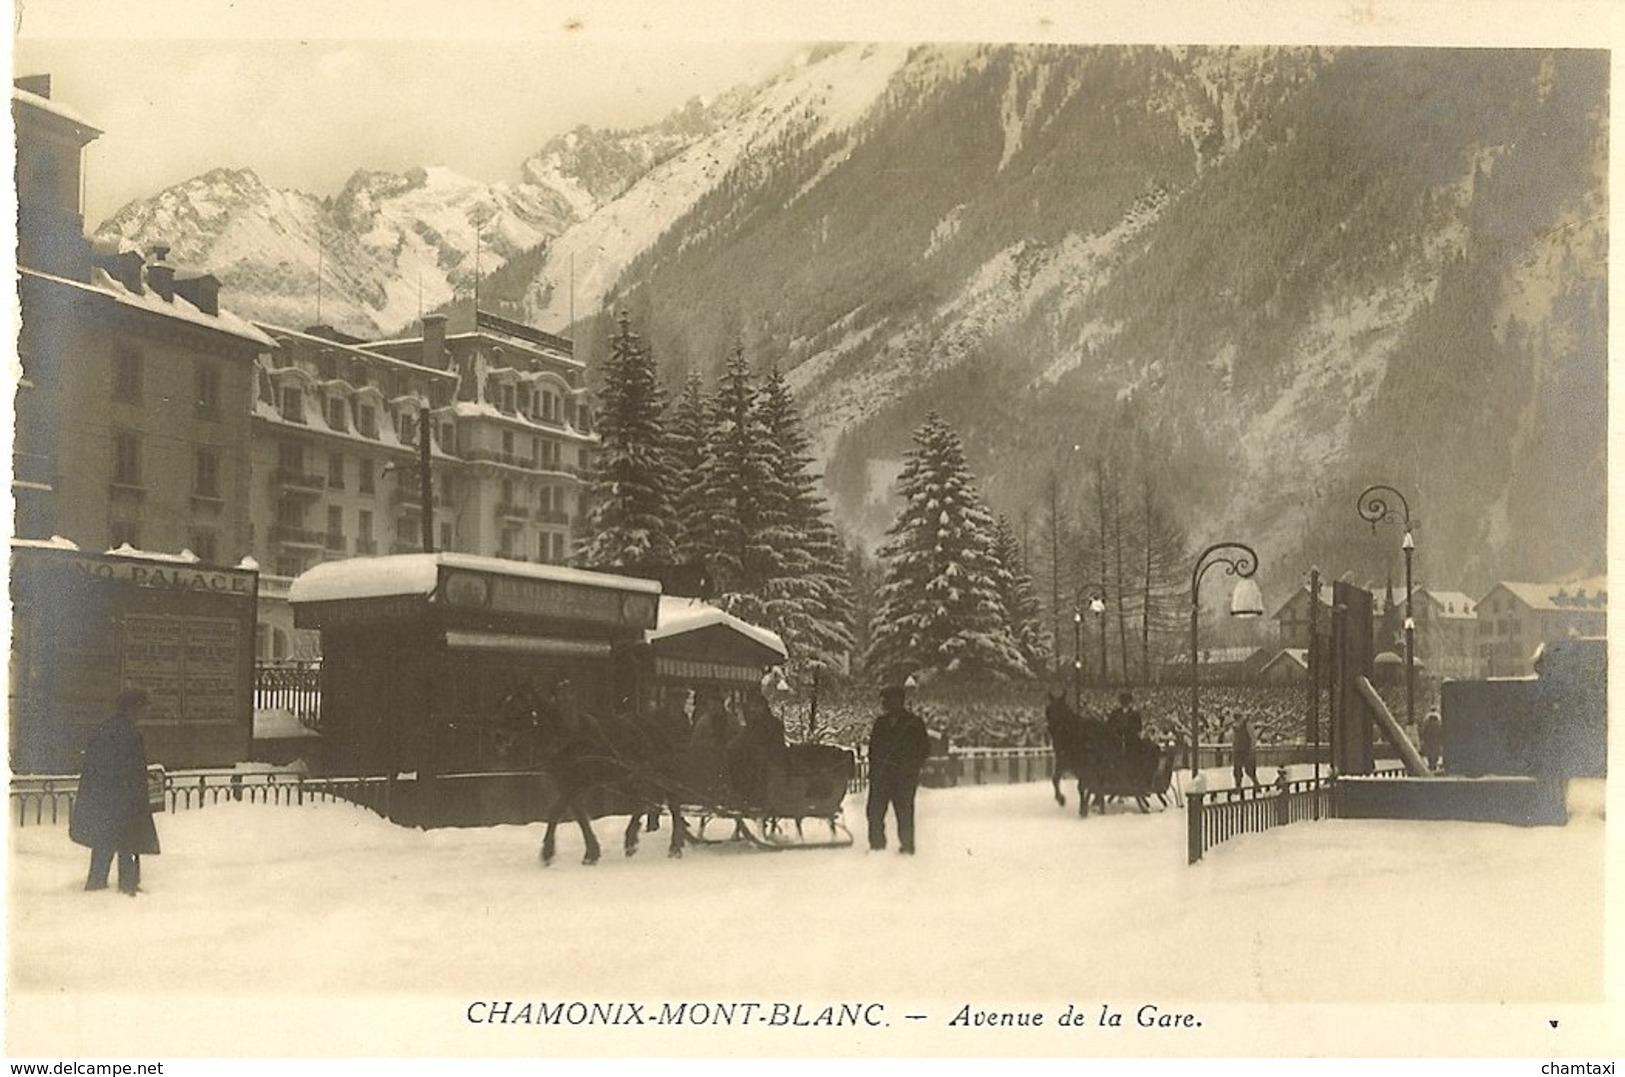 74 CHAMONIX MONT BLANC TRAINEAU AVENUE DE LA GARE CHAMONIX PALACE  AUJOURD HUI RESIDENCE MONT BLANC Editeur MONNIER - Chamonix-Mont-Blanc